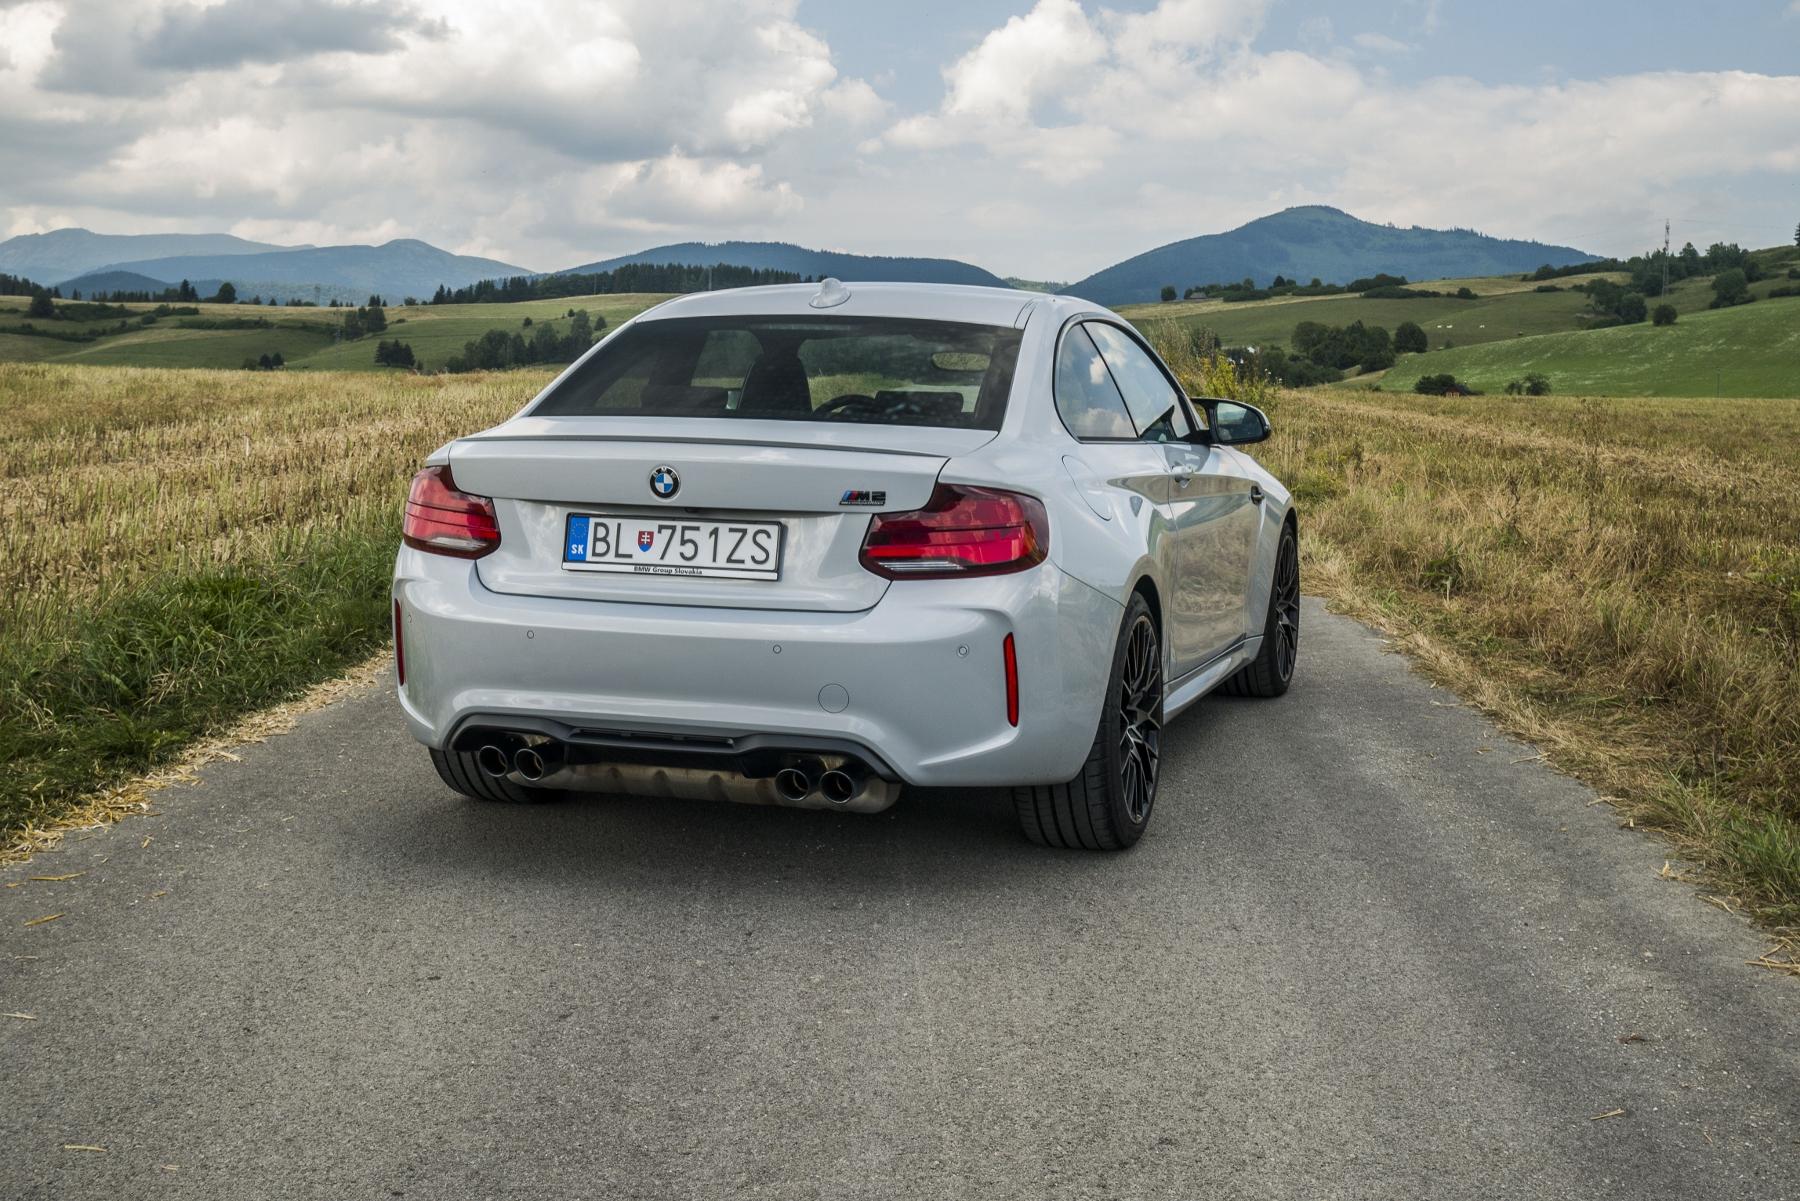 Test: BMW M2 Competition je nálož plná zábavy hTPuFeRnW6 bmw-m2-1